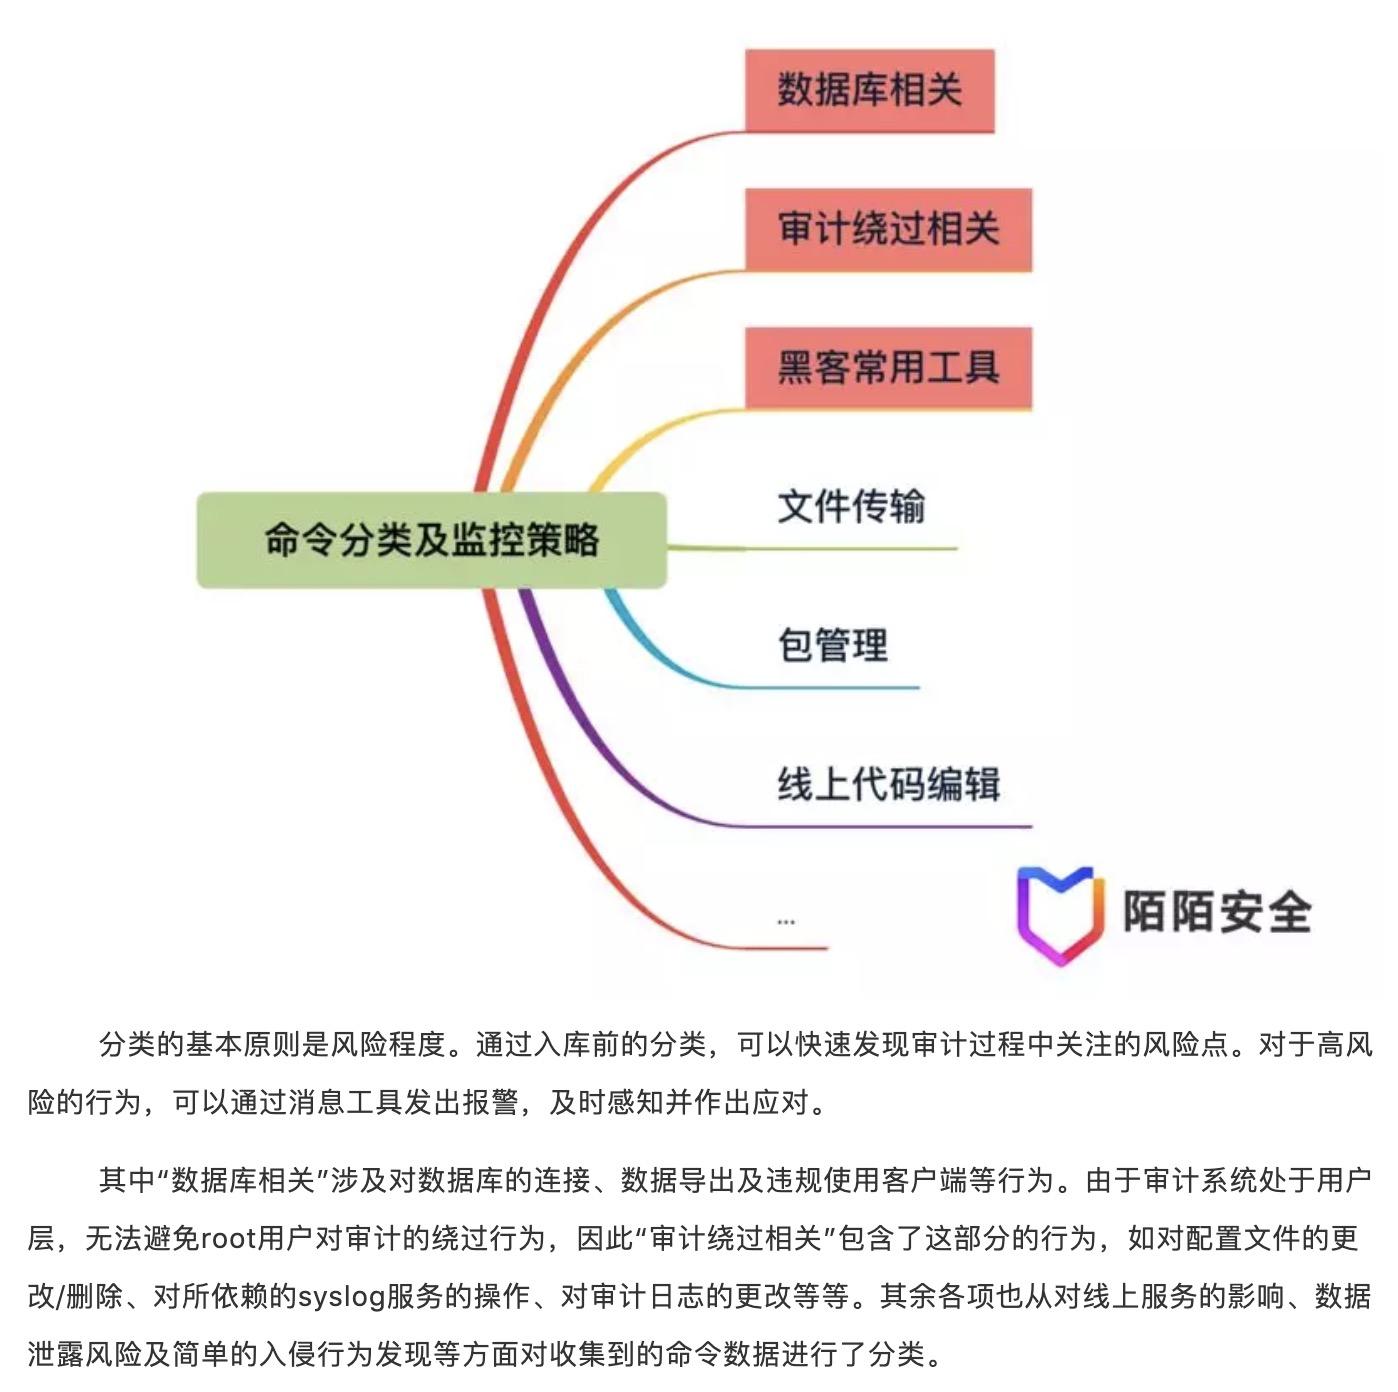 https://momo-mmsrc.oss-cn-hangzhou.aliyuncs.com/img-357083fa-a94d-3cc0-8686-24cfc631a9fd.jpeg